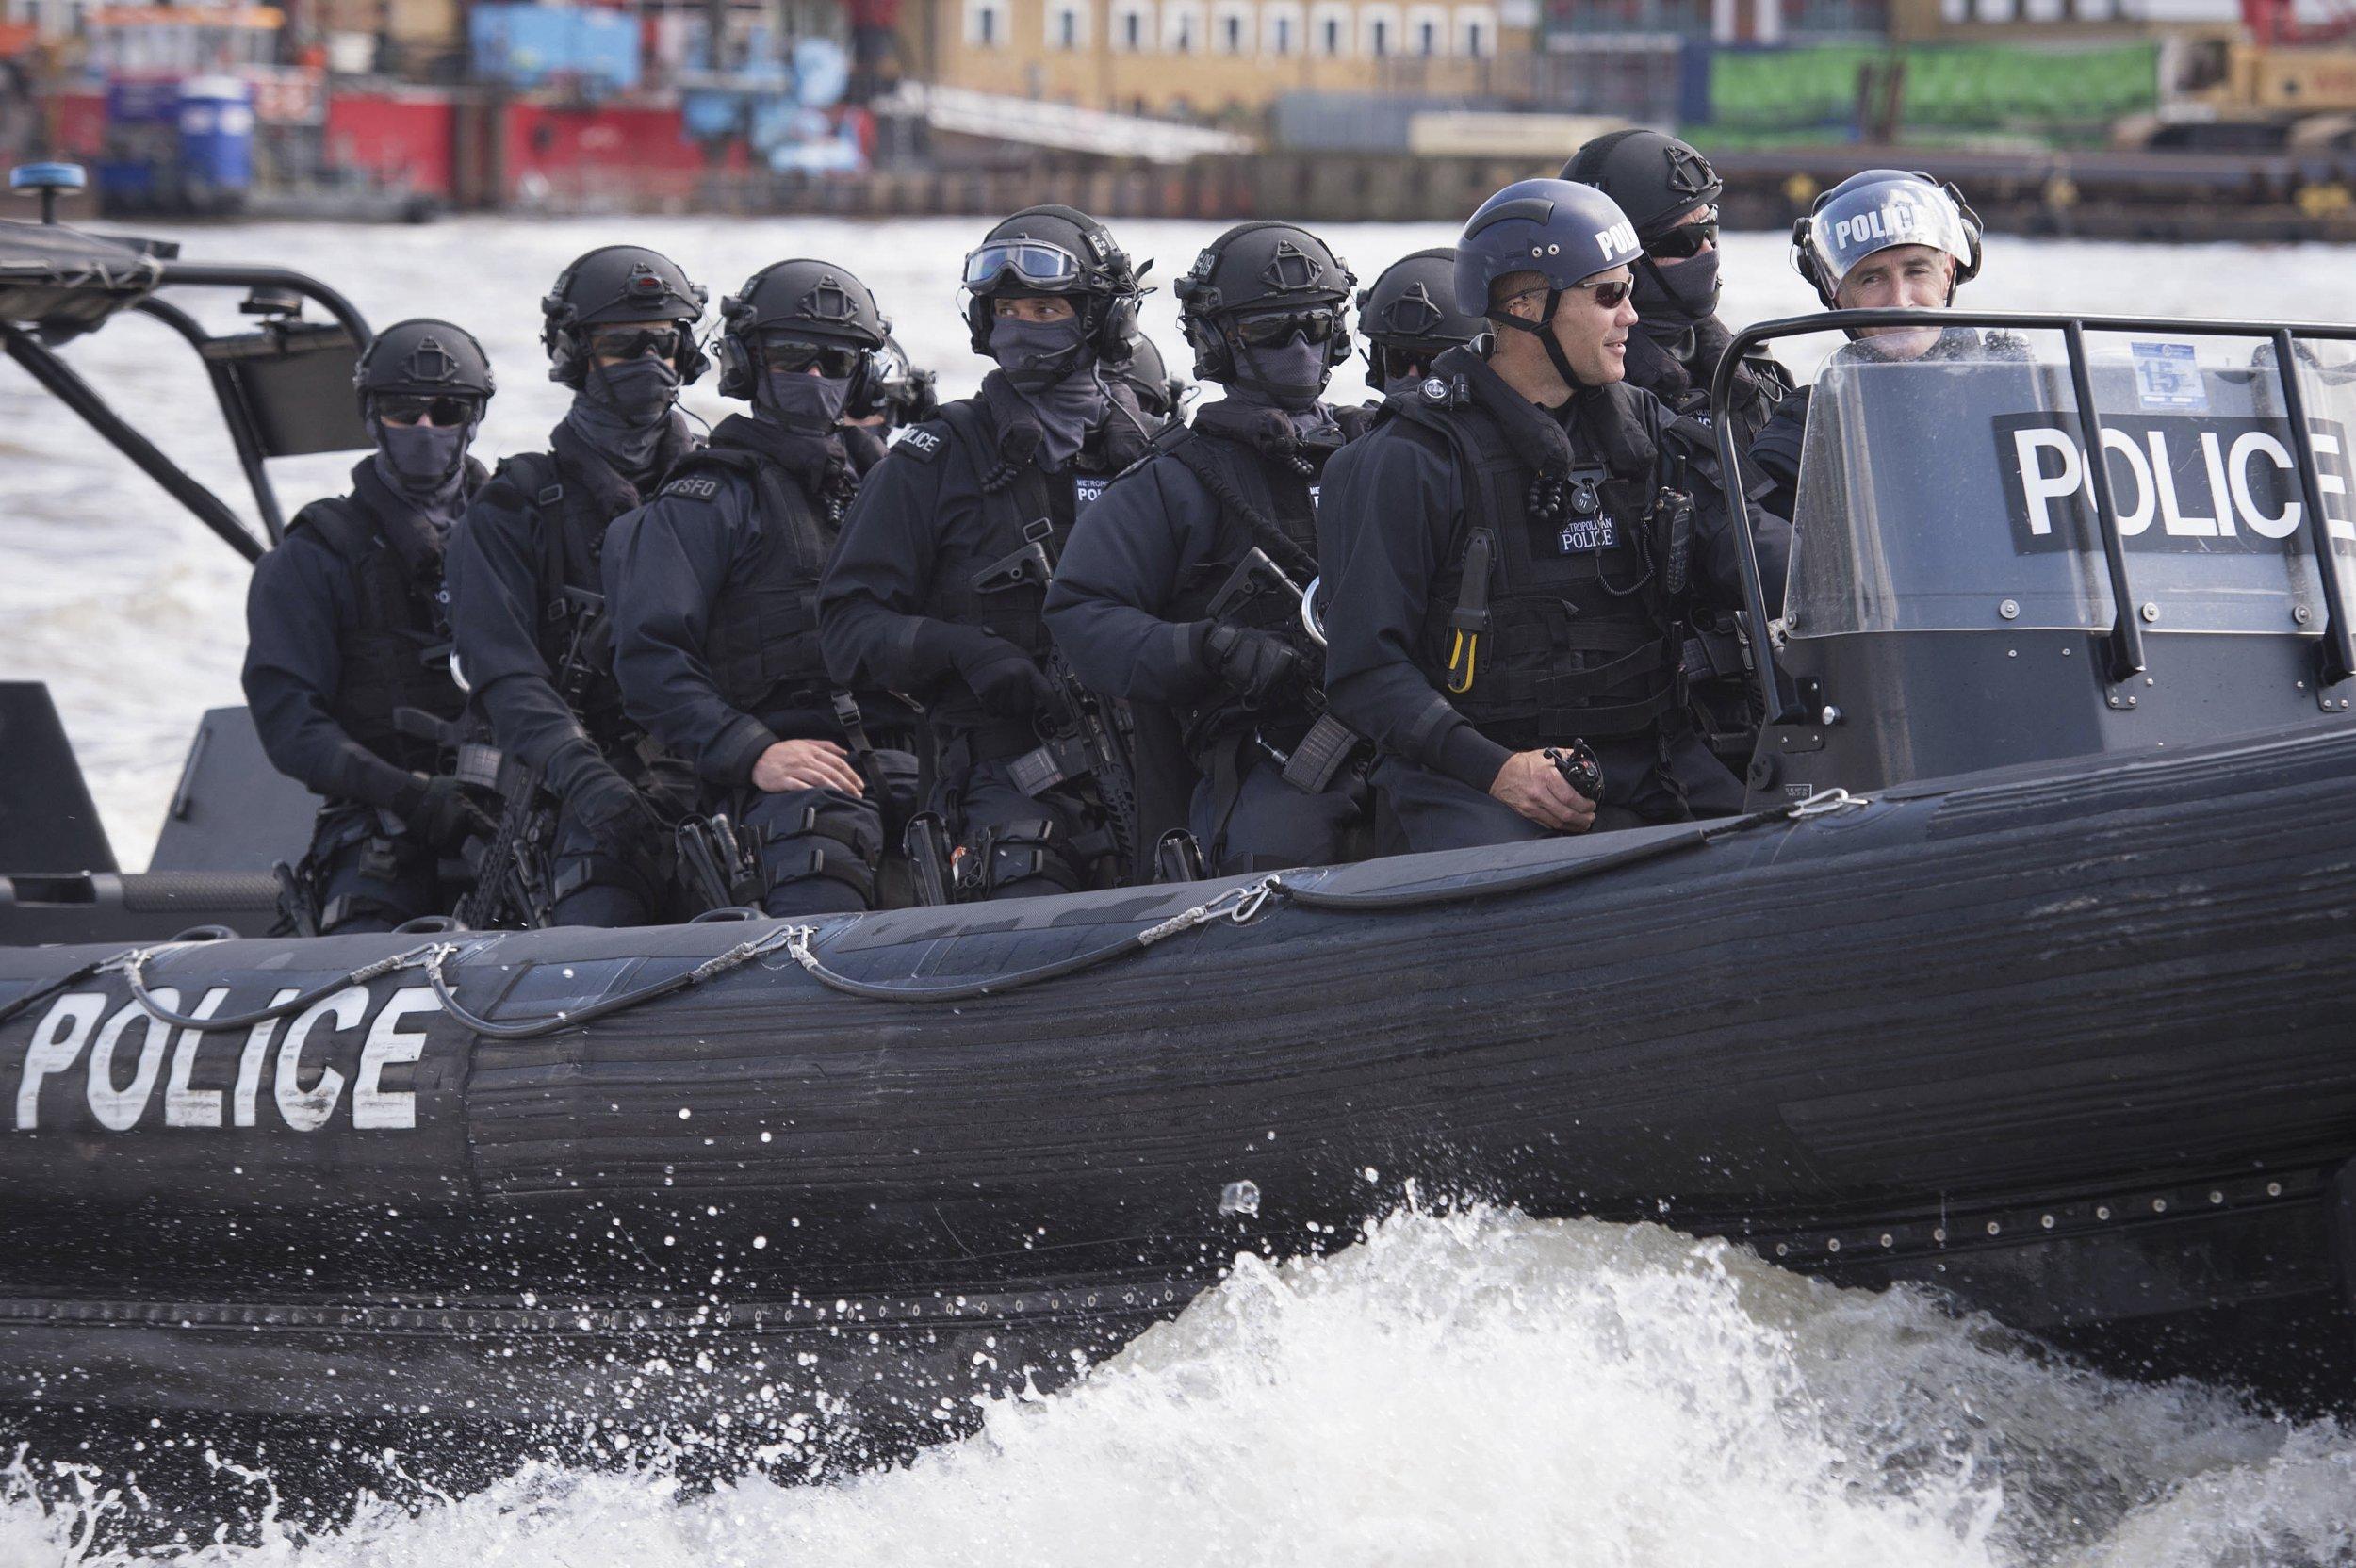 10_22_britishpolice_01